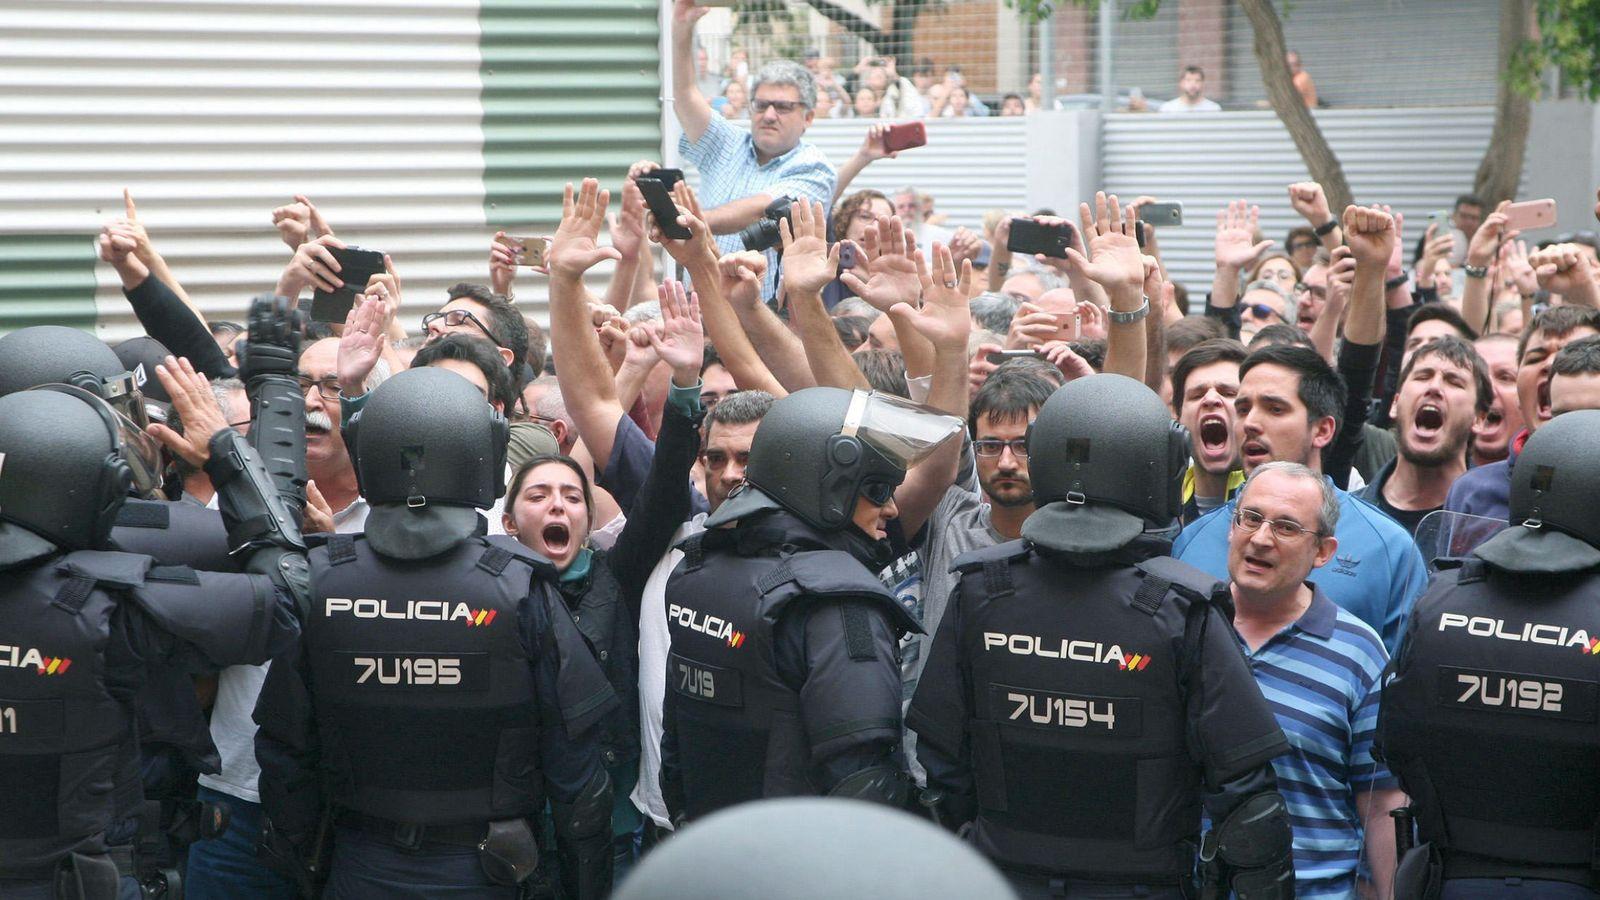 Foto: Agentes de la Policía Nacional forman un cordón policial en el exterior del IES Tarragona el pasado 1 de octubre. (EFE)